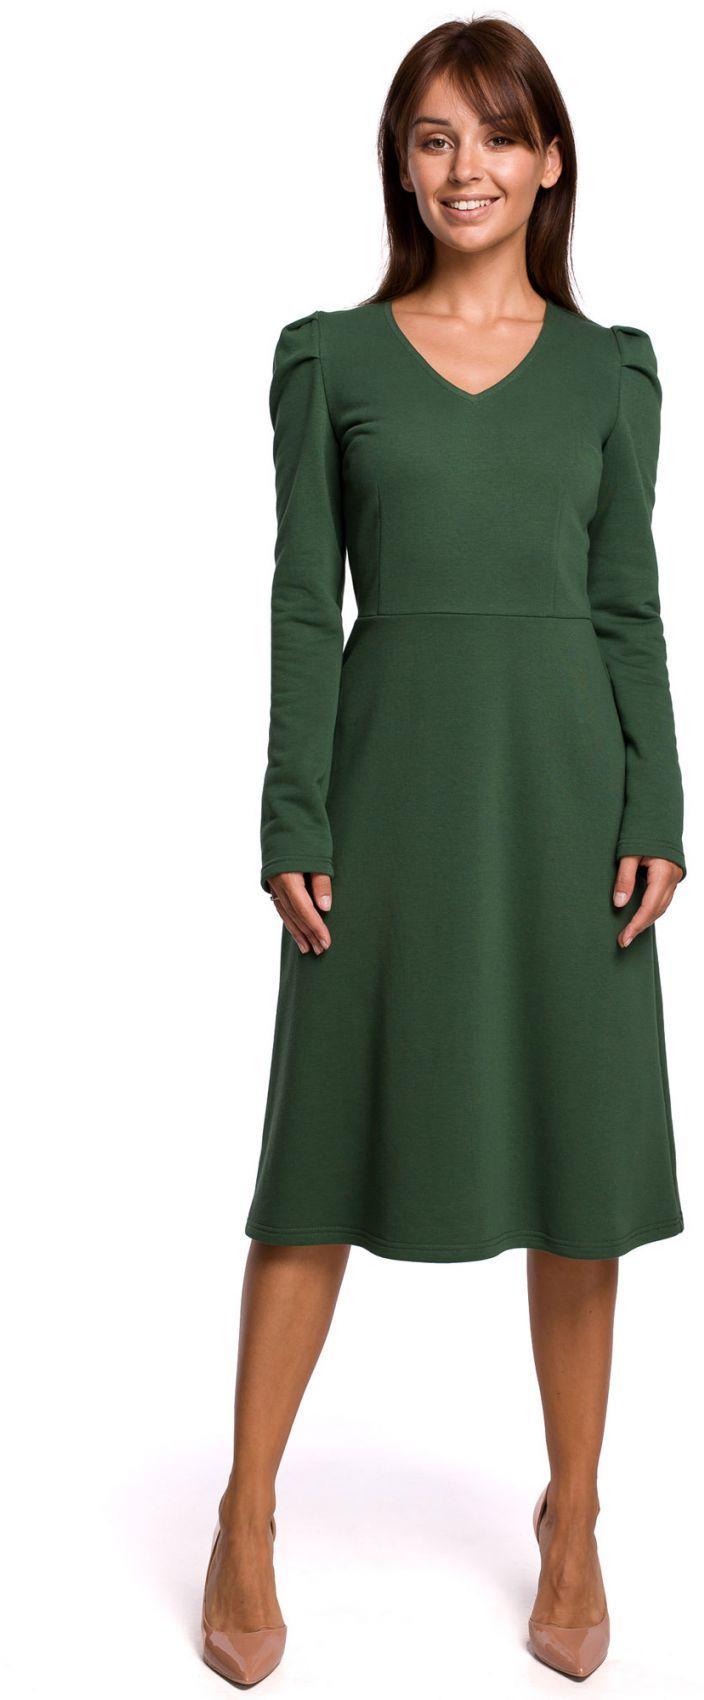 B162 Sukienka z bufkami - trawiasta